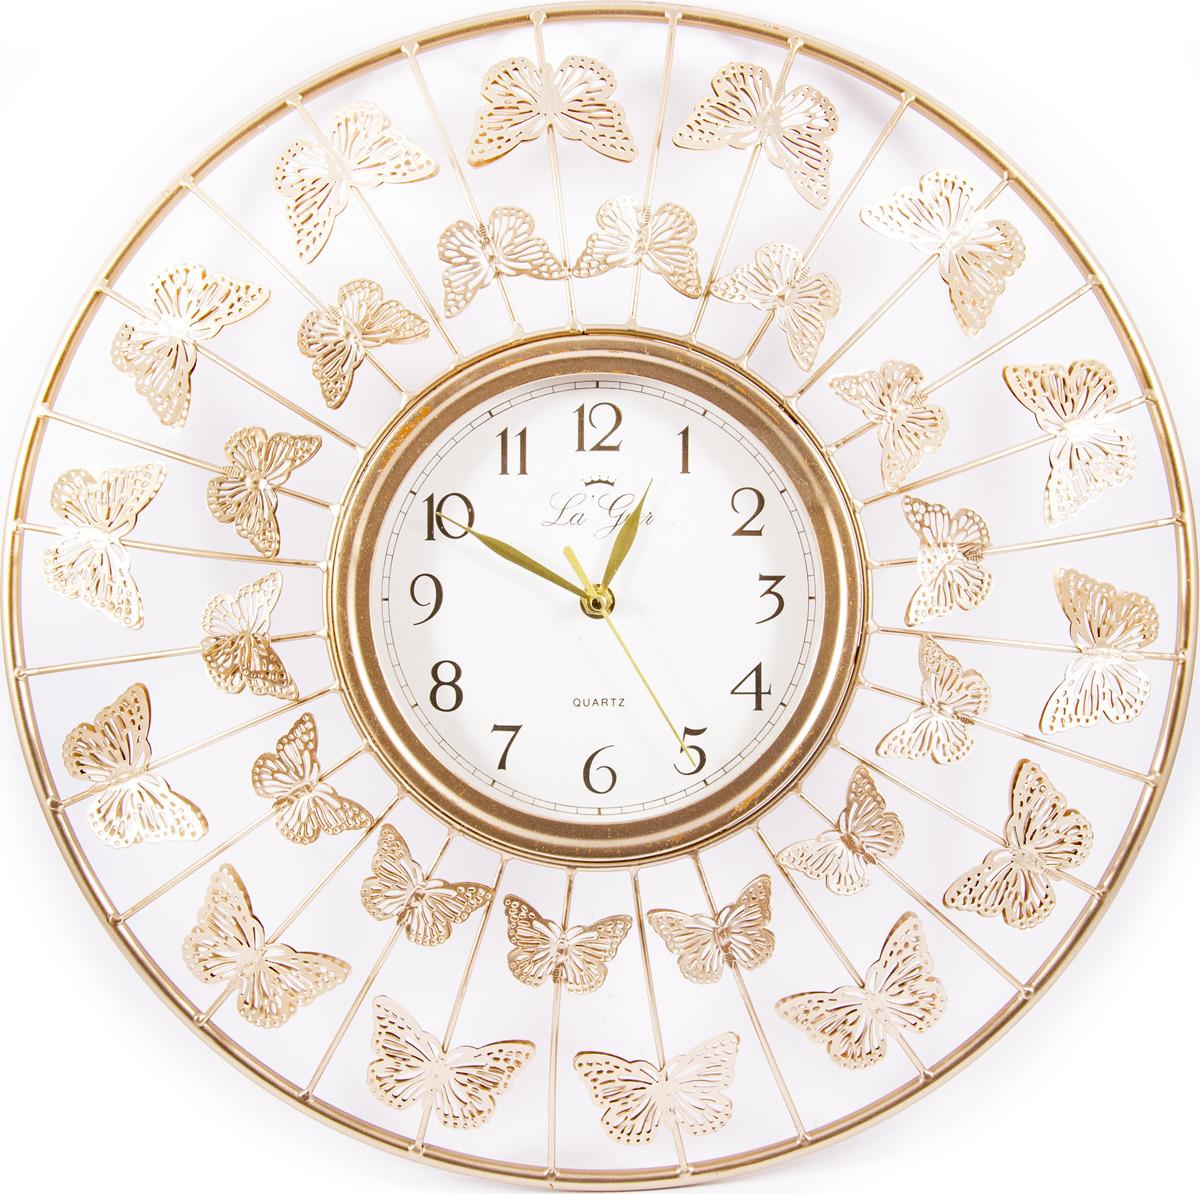 Часы настенные La Geer, 60802, разноцветный, 46 х 5 х 46 см все цены